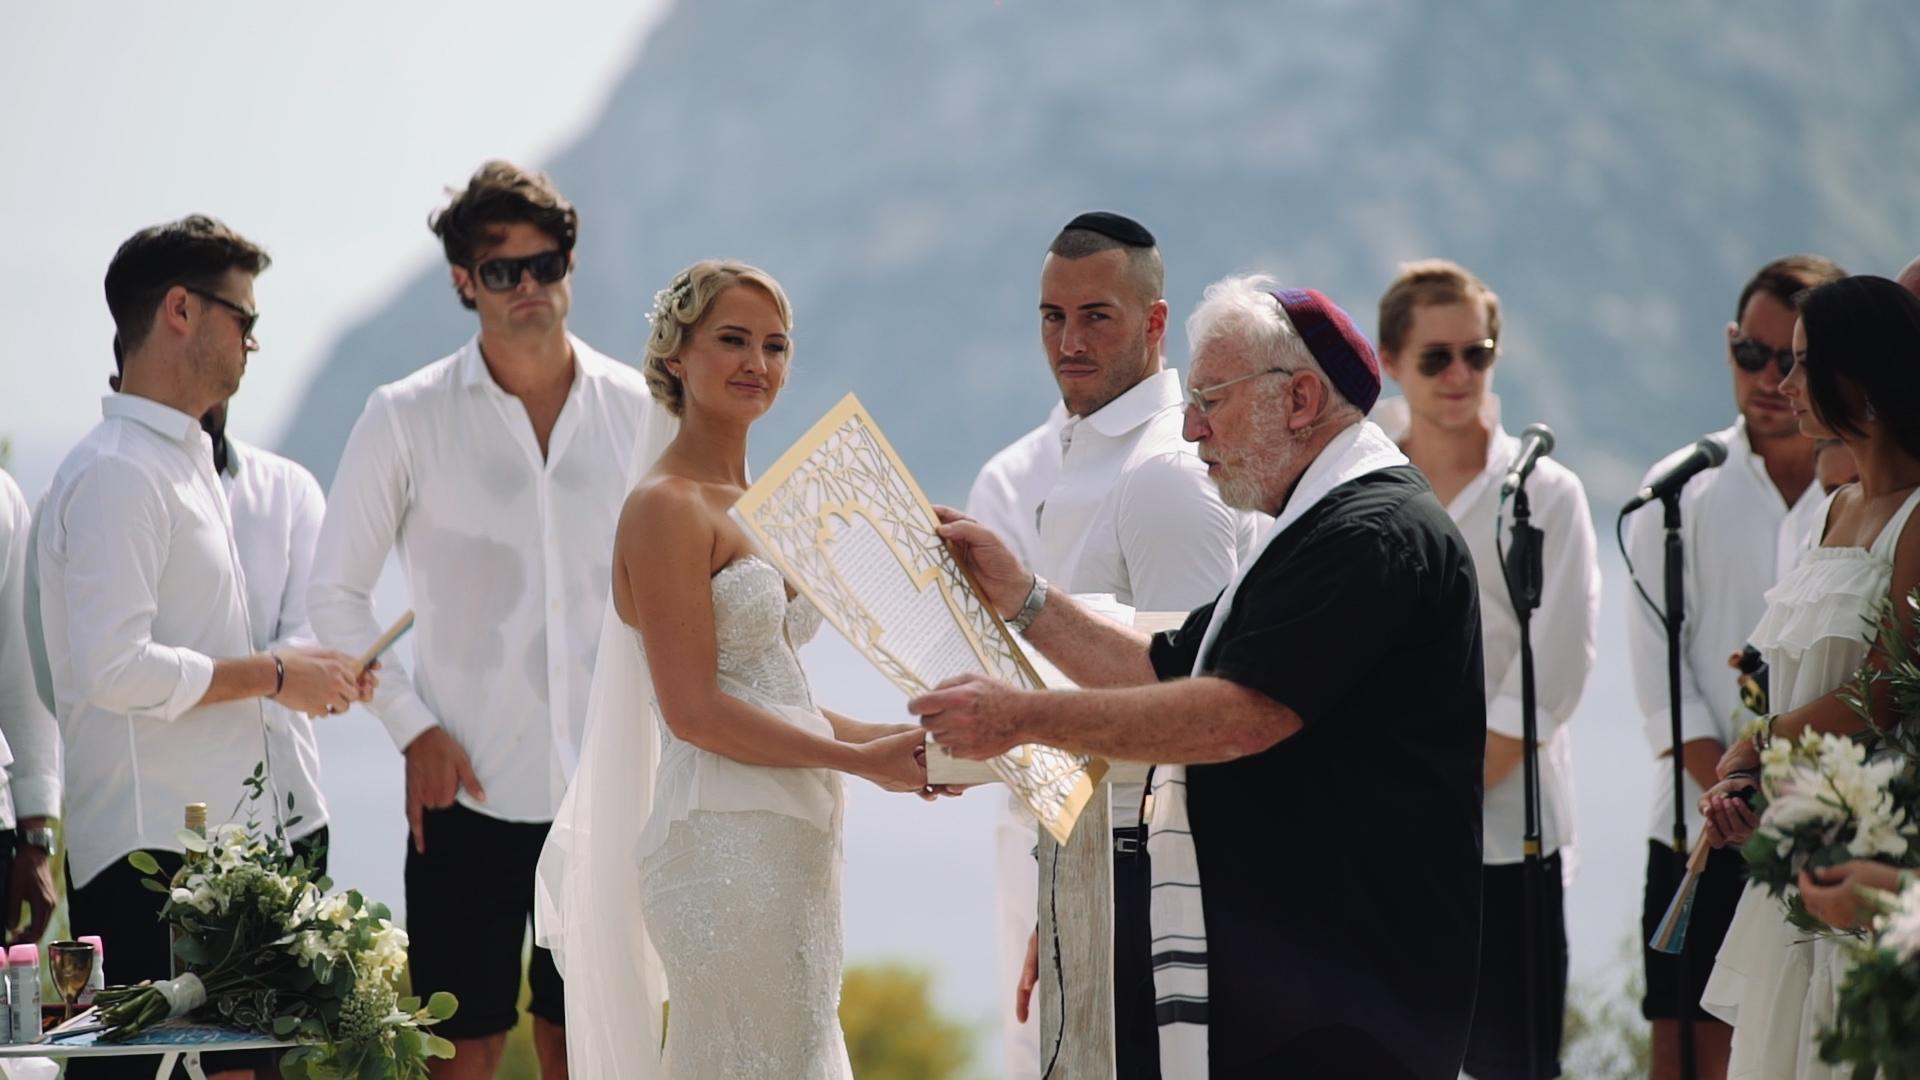 Ceremony vedra jewsih